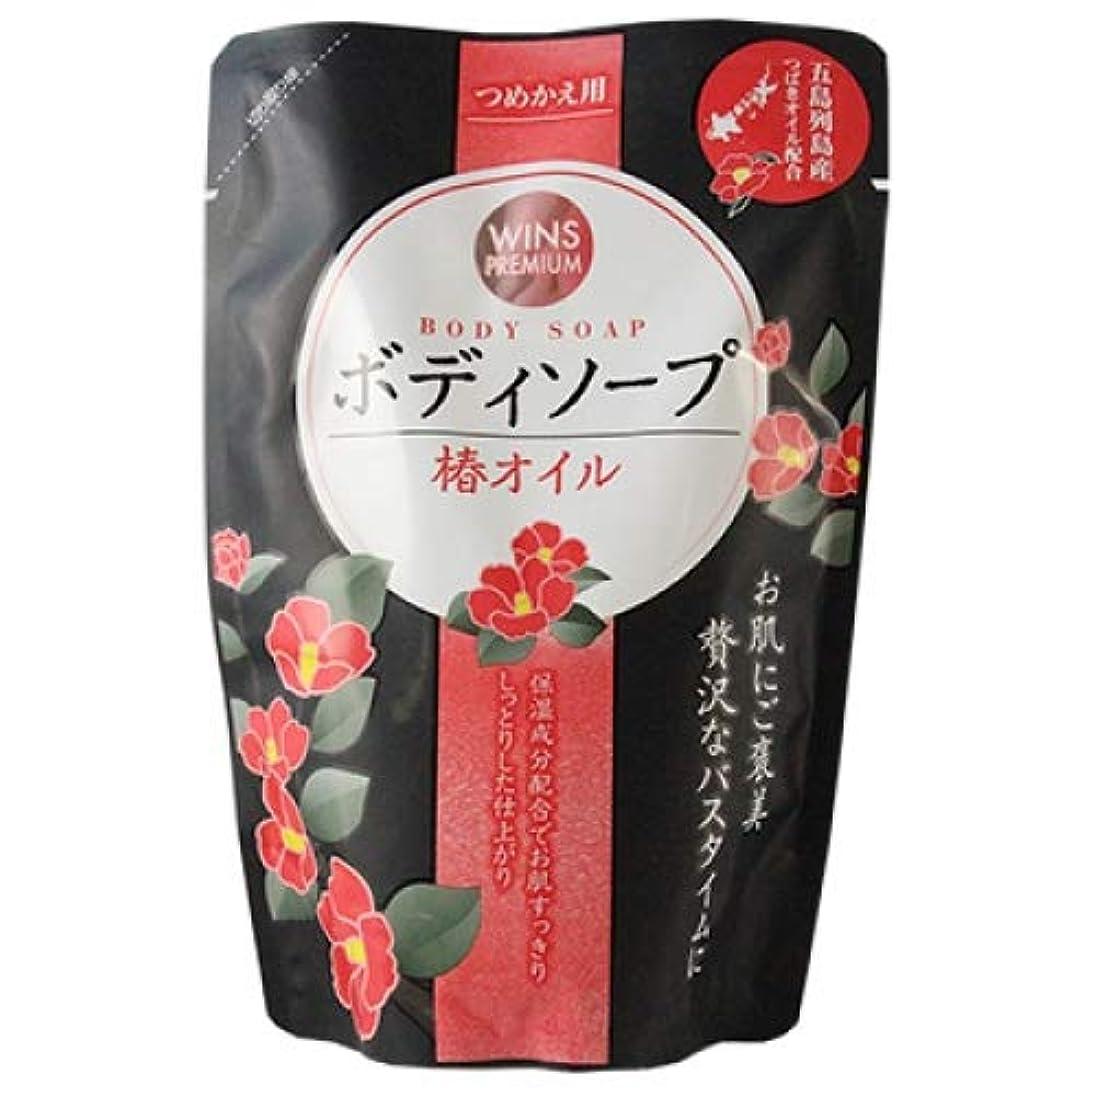 推定ボタンふくろう日本合成洗剤 ウインズ 椿オイル ボディソープ つめかえ用 400mL 4904112827240